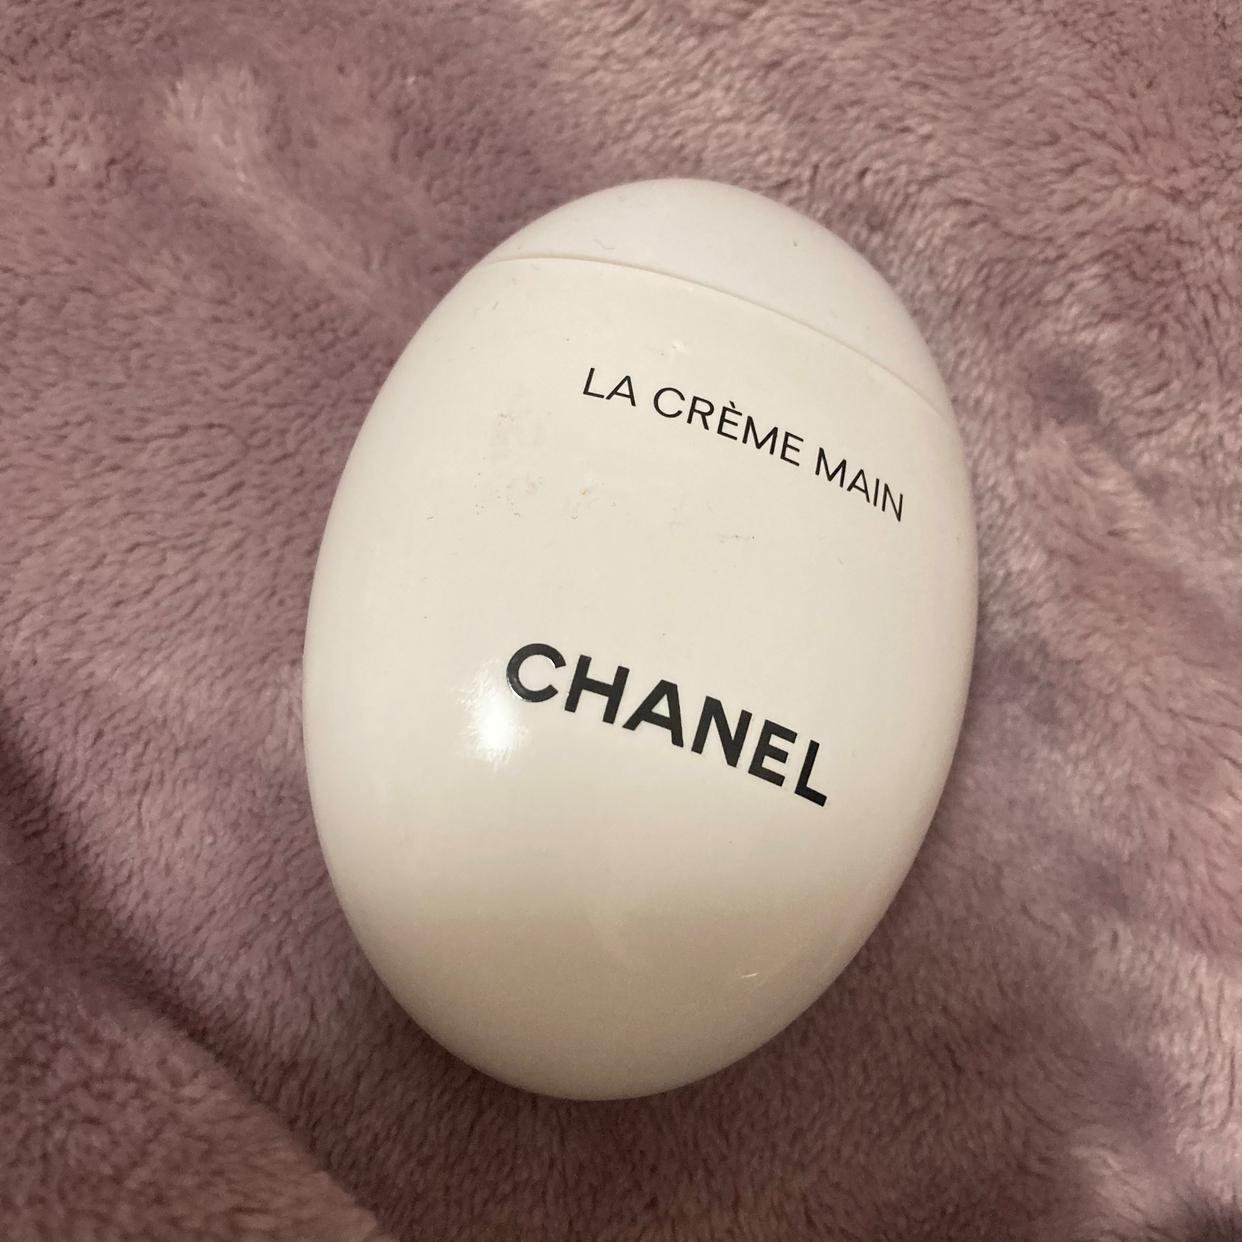 CHANEL(シャネル) ラ クレーム マンを使ったmaronシルさんのクチコミ画像1